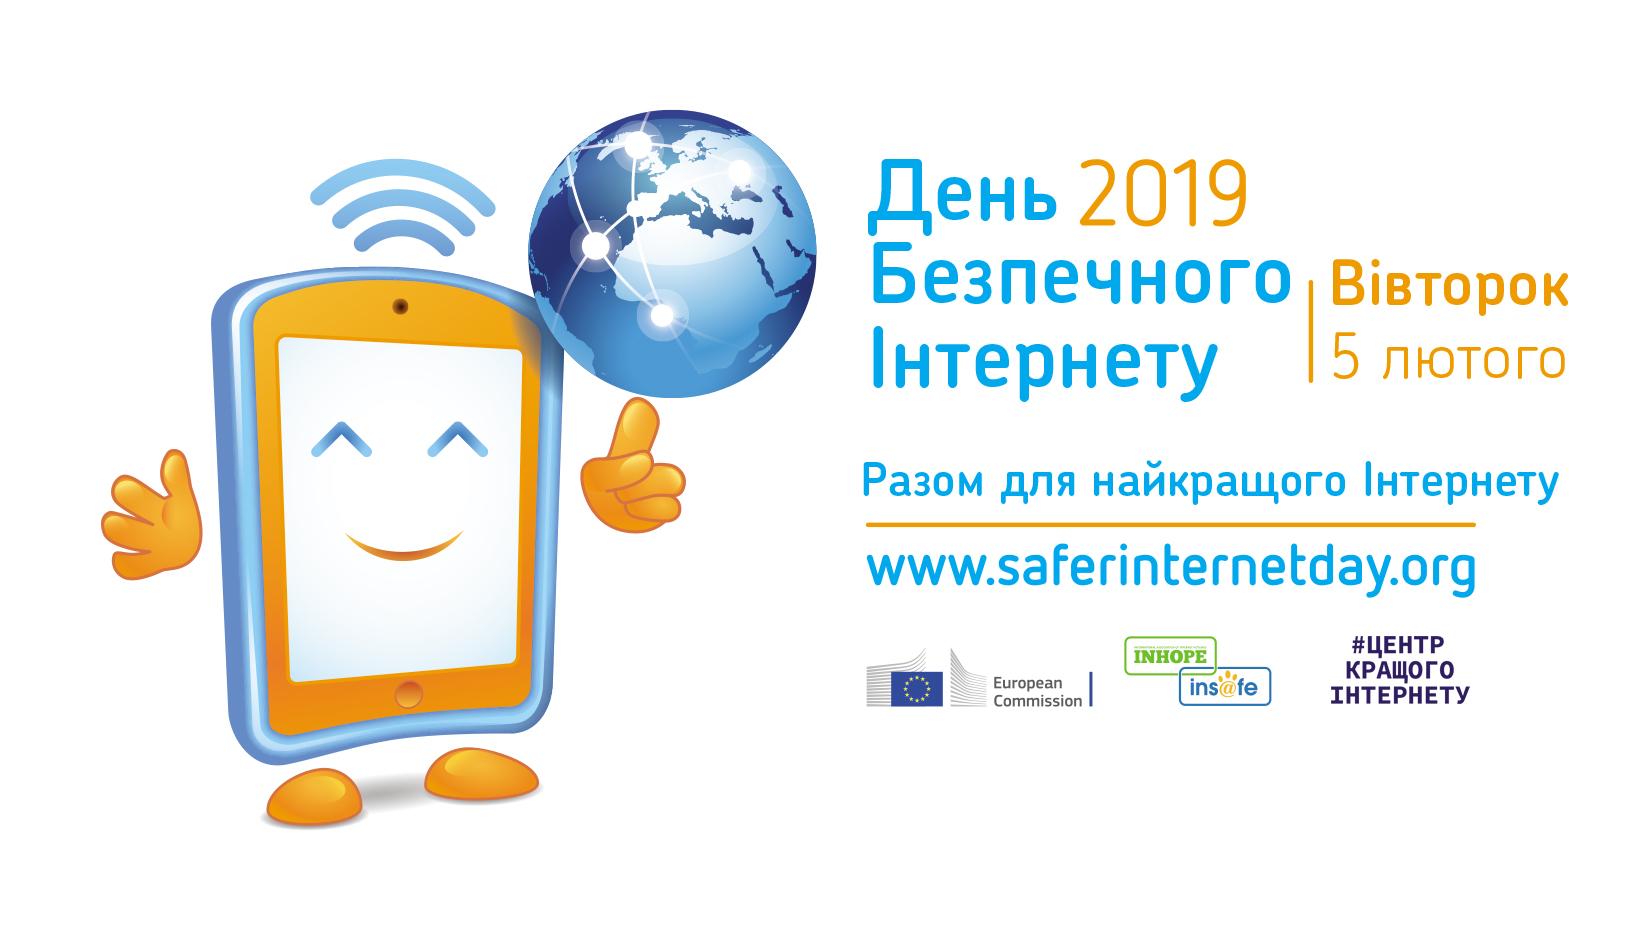 День Безпечного Інтернету